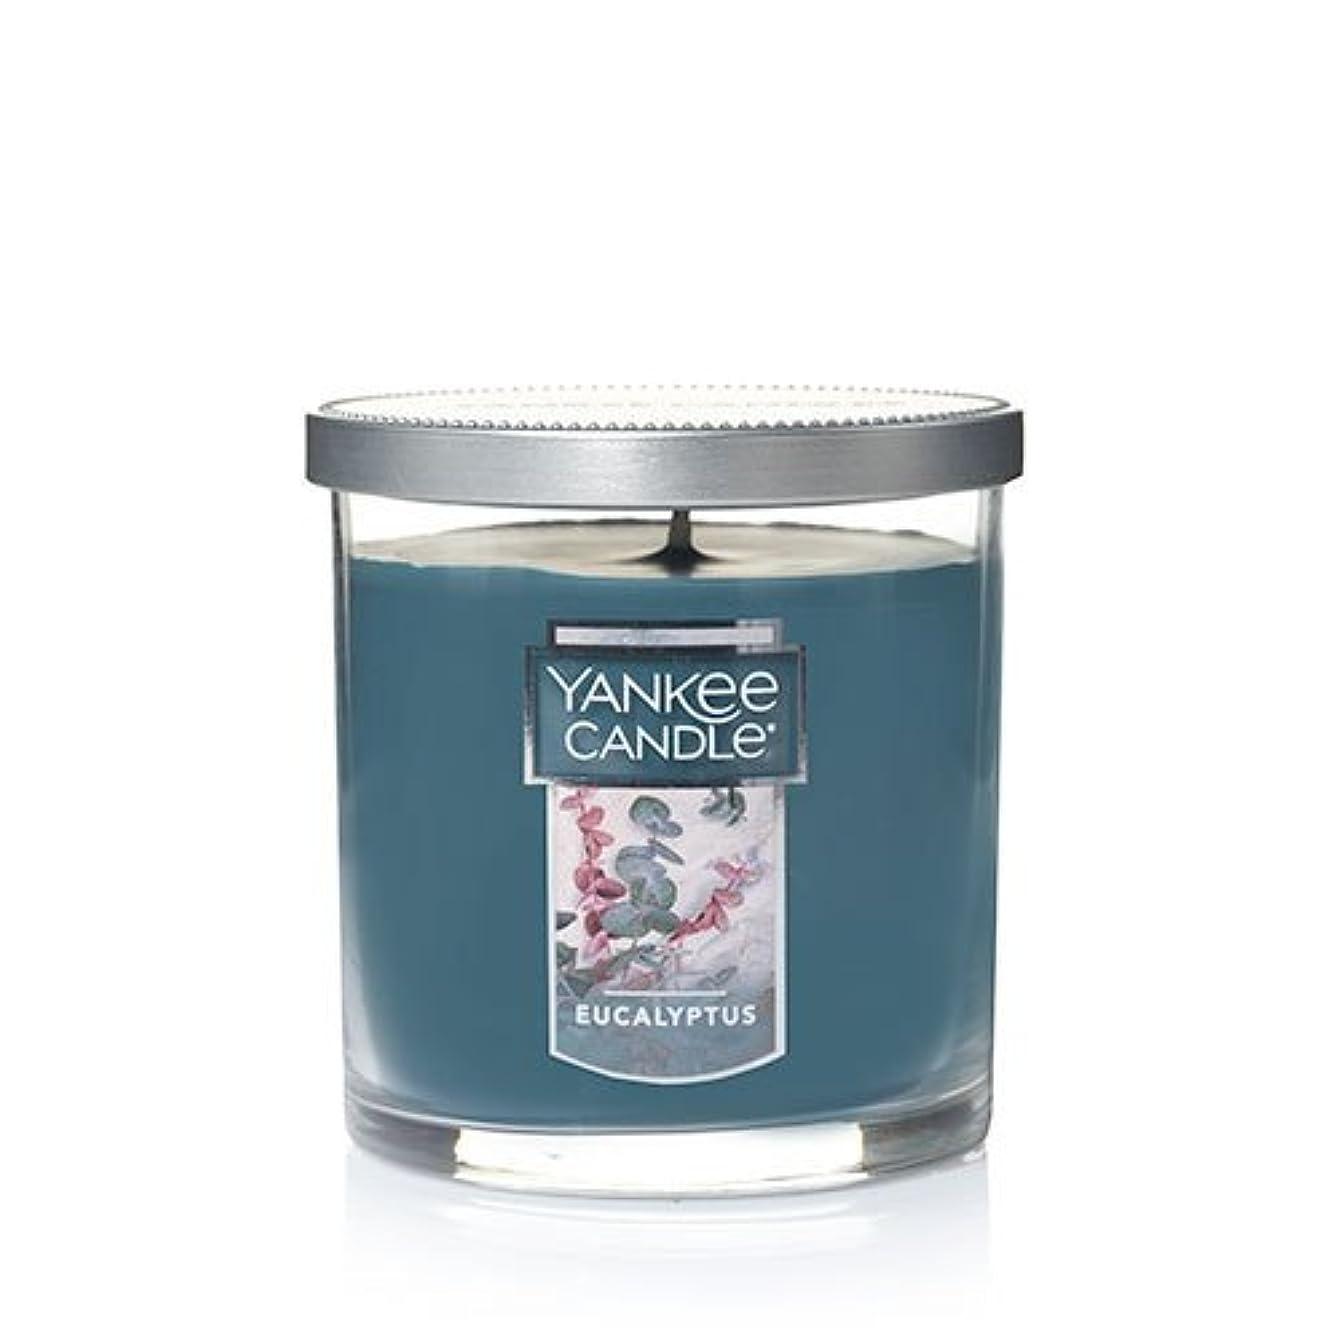 ファブリック爬虫類事件、出来事Yankee Candleユーカリ、新鮮な香り Small Single Wick Tumbler Candle グリーン 1185969Z